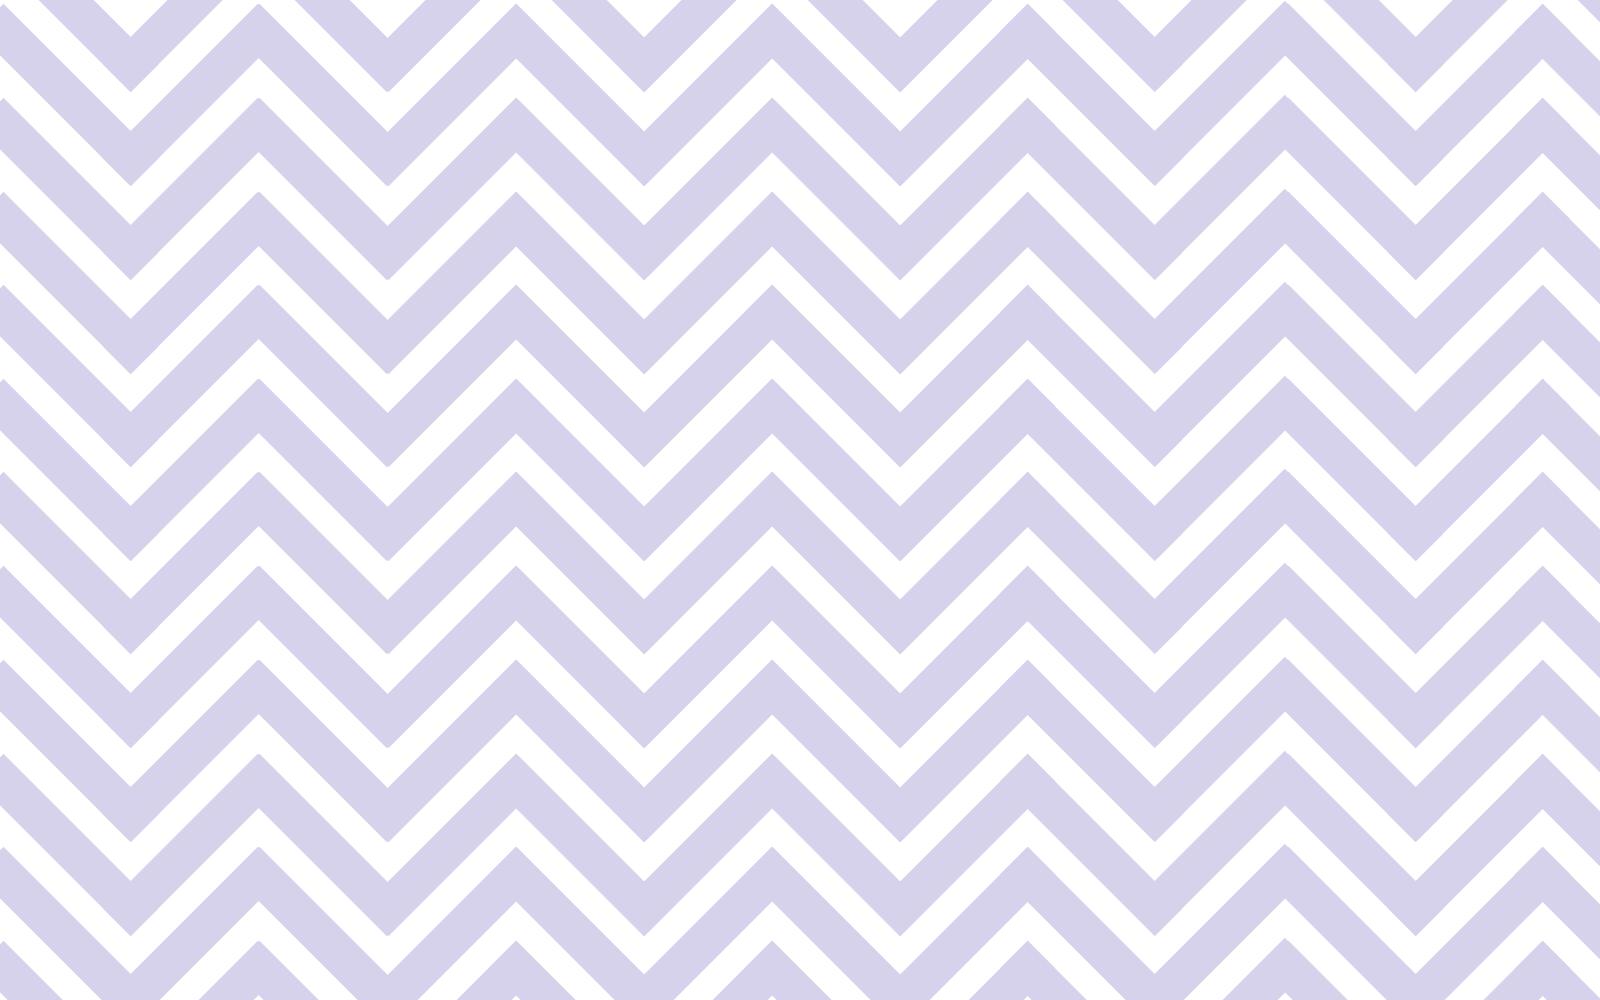 Download Purple Chevron Wallpaper 46322 1600x1000 Px High